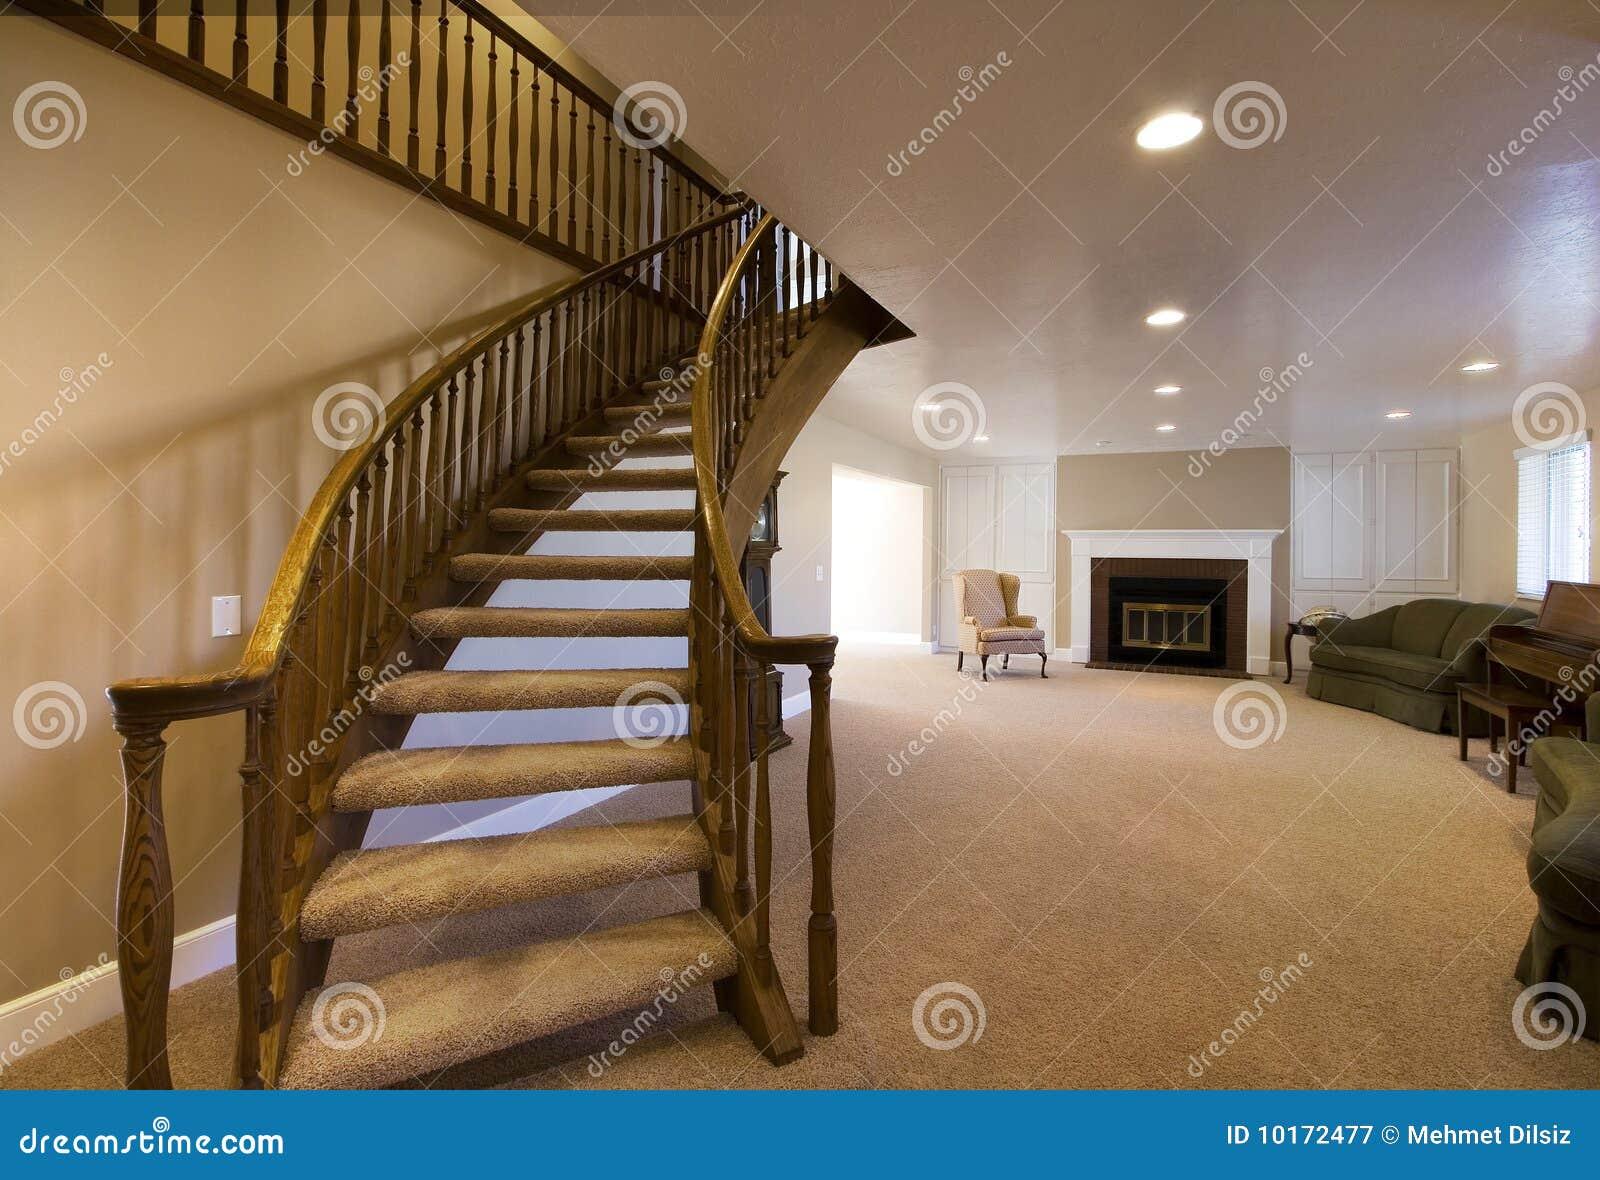 treppe im wohnzimmer stockfoto - bild: 55580945